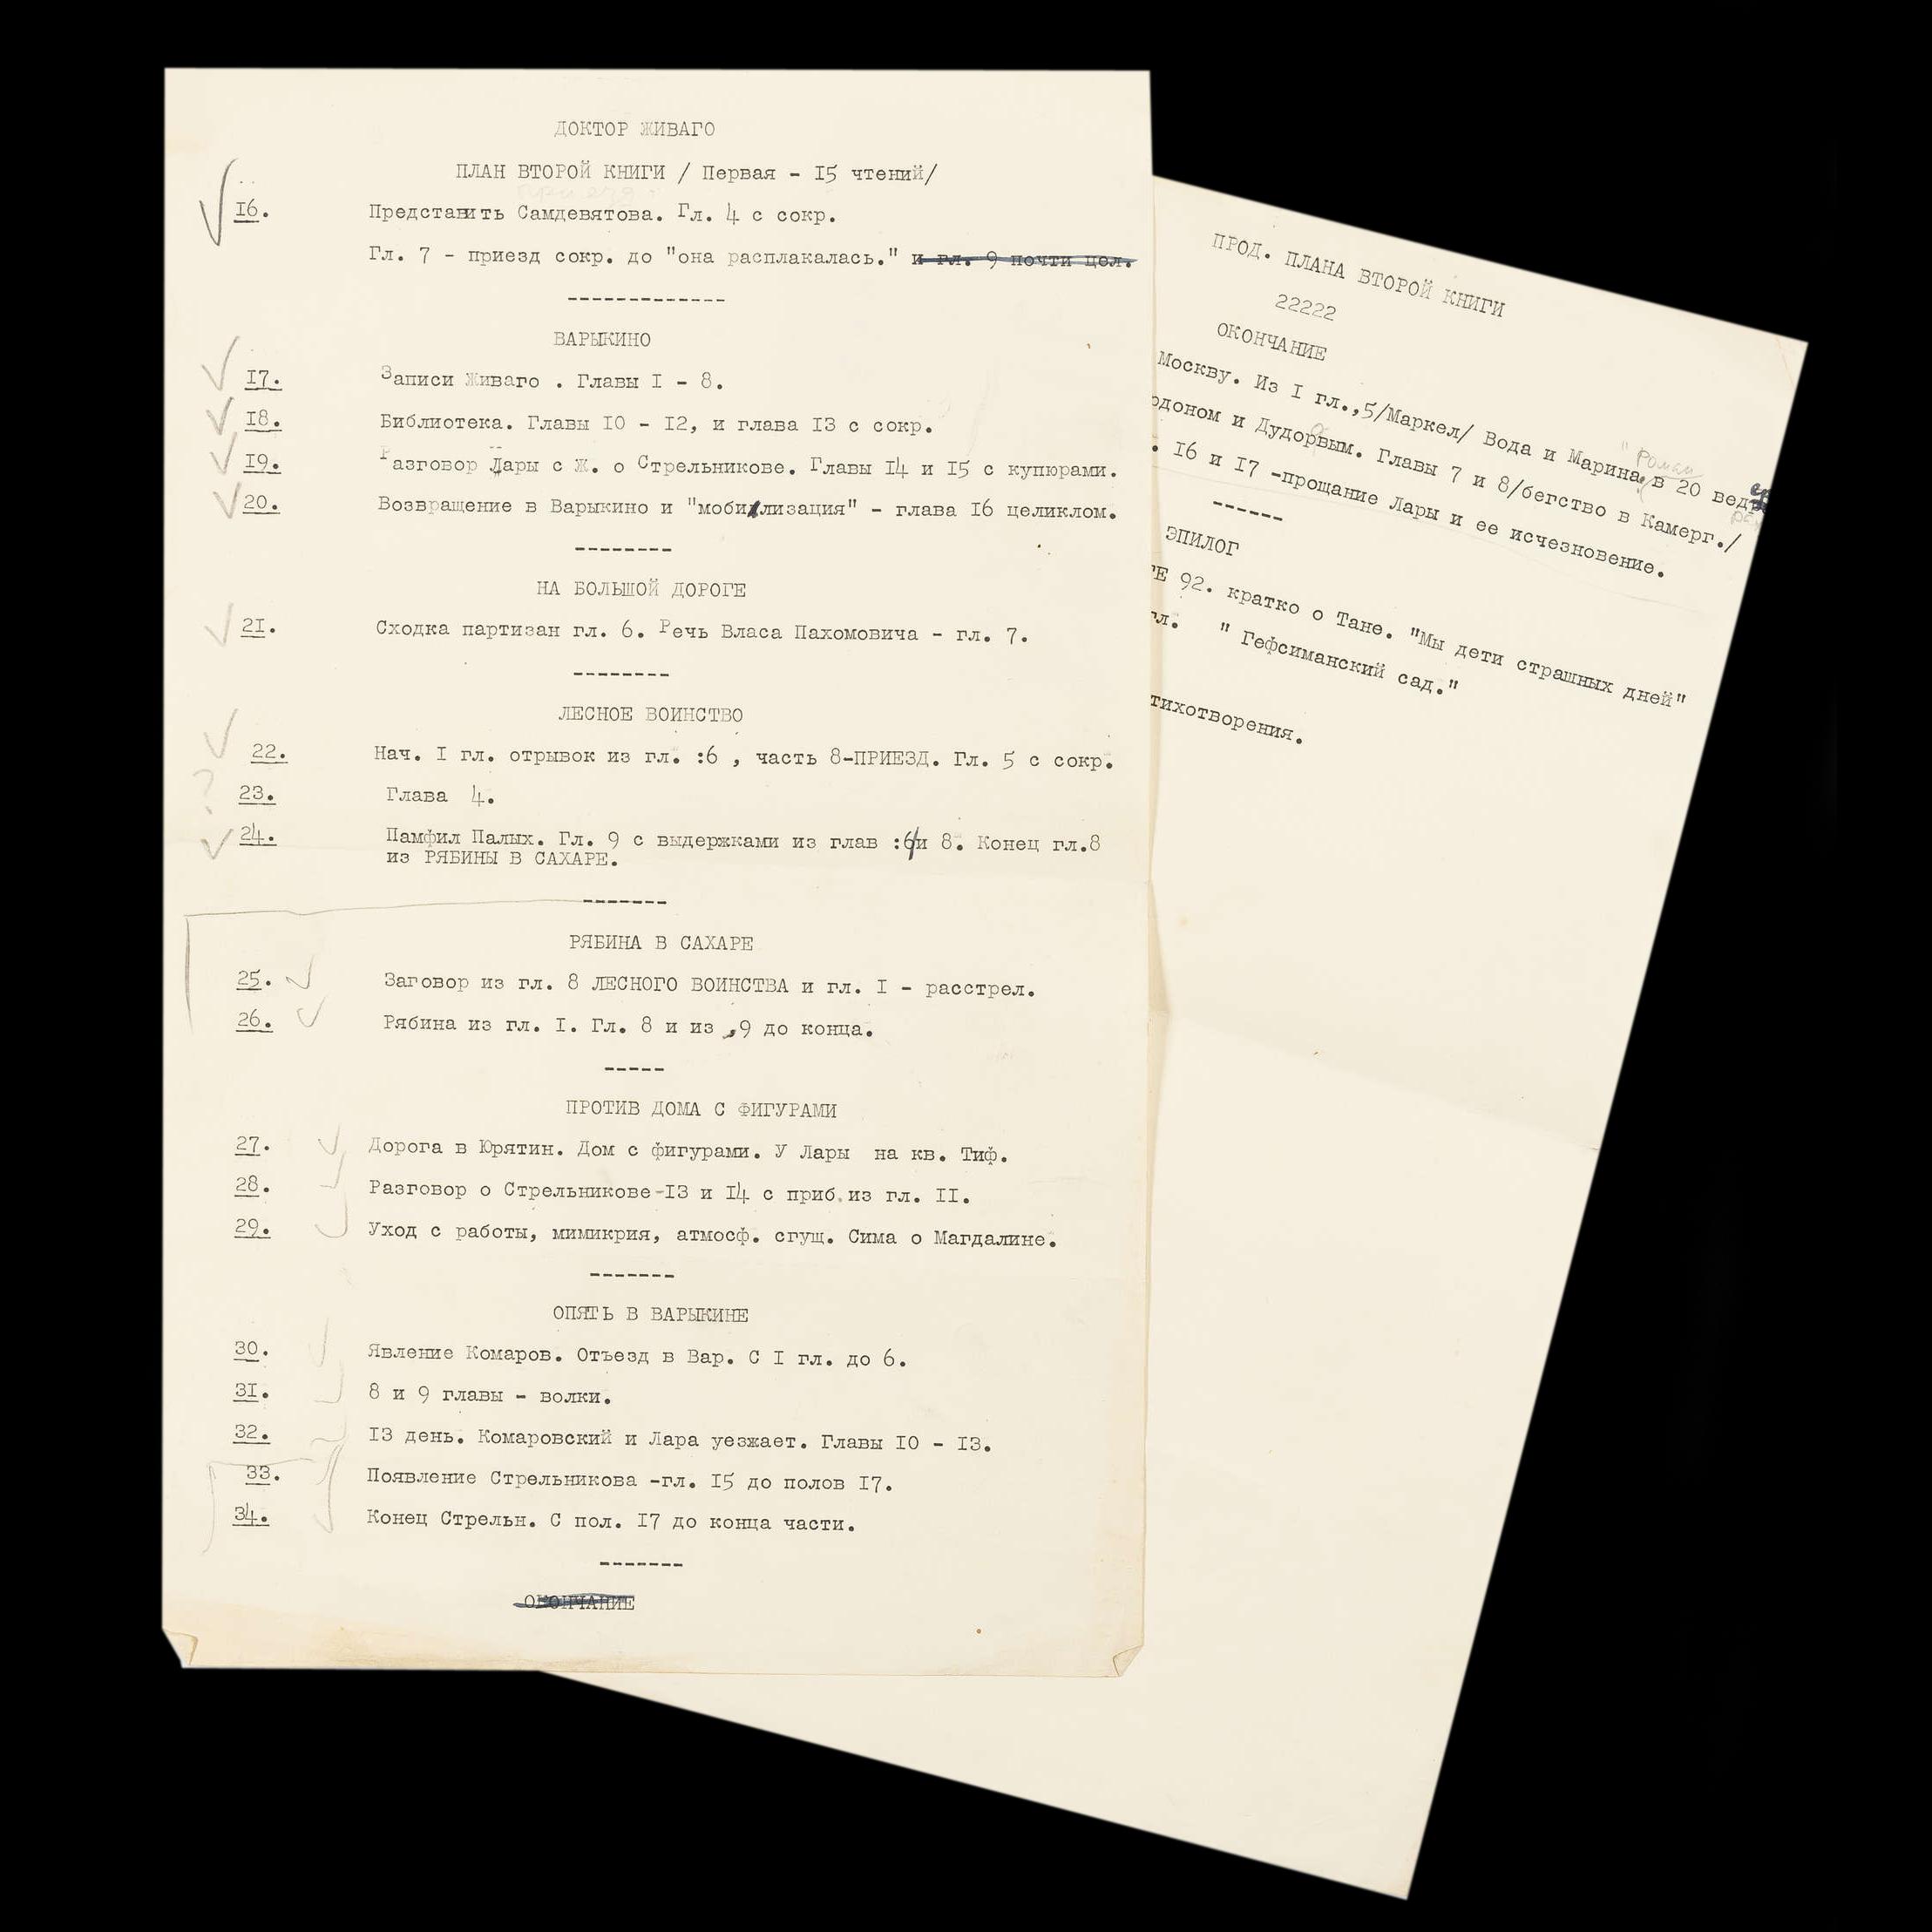 Роман Бориса Пастернака «Доктор Живаго» (содержание, машинописный оригинал, ок. 1956)